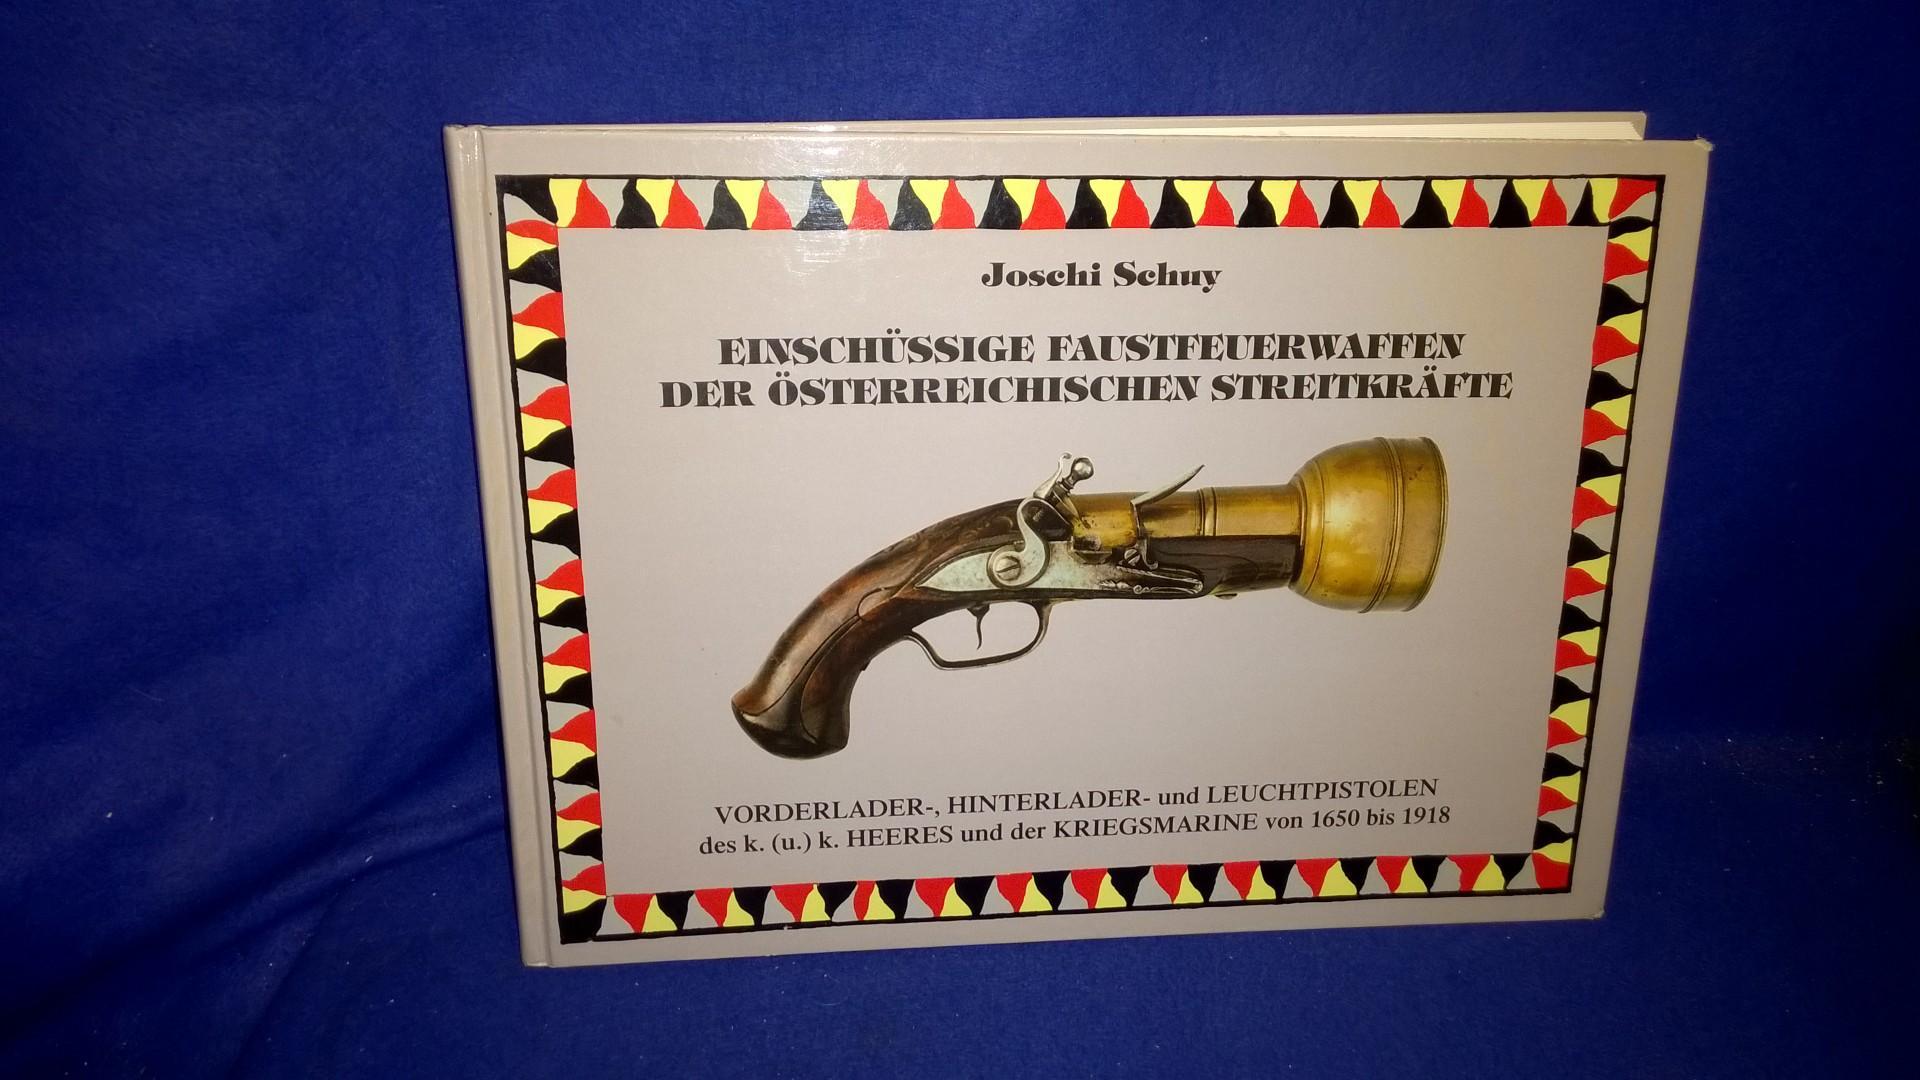 Einschüssige Faustfeuerwaffen der österreichischen Streitkräfte: Vorderlader-, Hinterlader- und Leuchtpistolen des k. (u) k. Heeres und der Kriegsmarine von 1650 bis 1918.